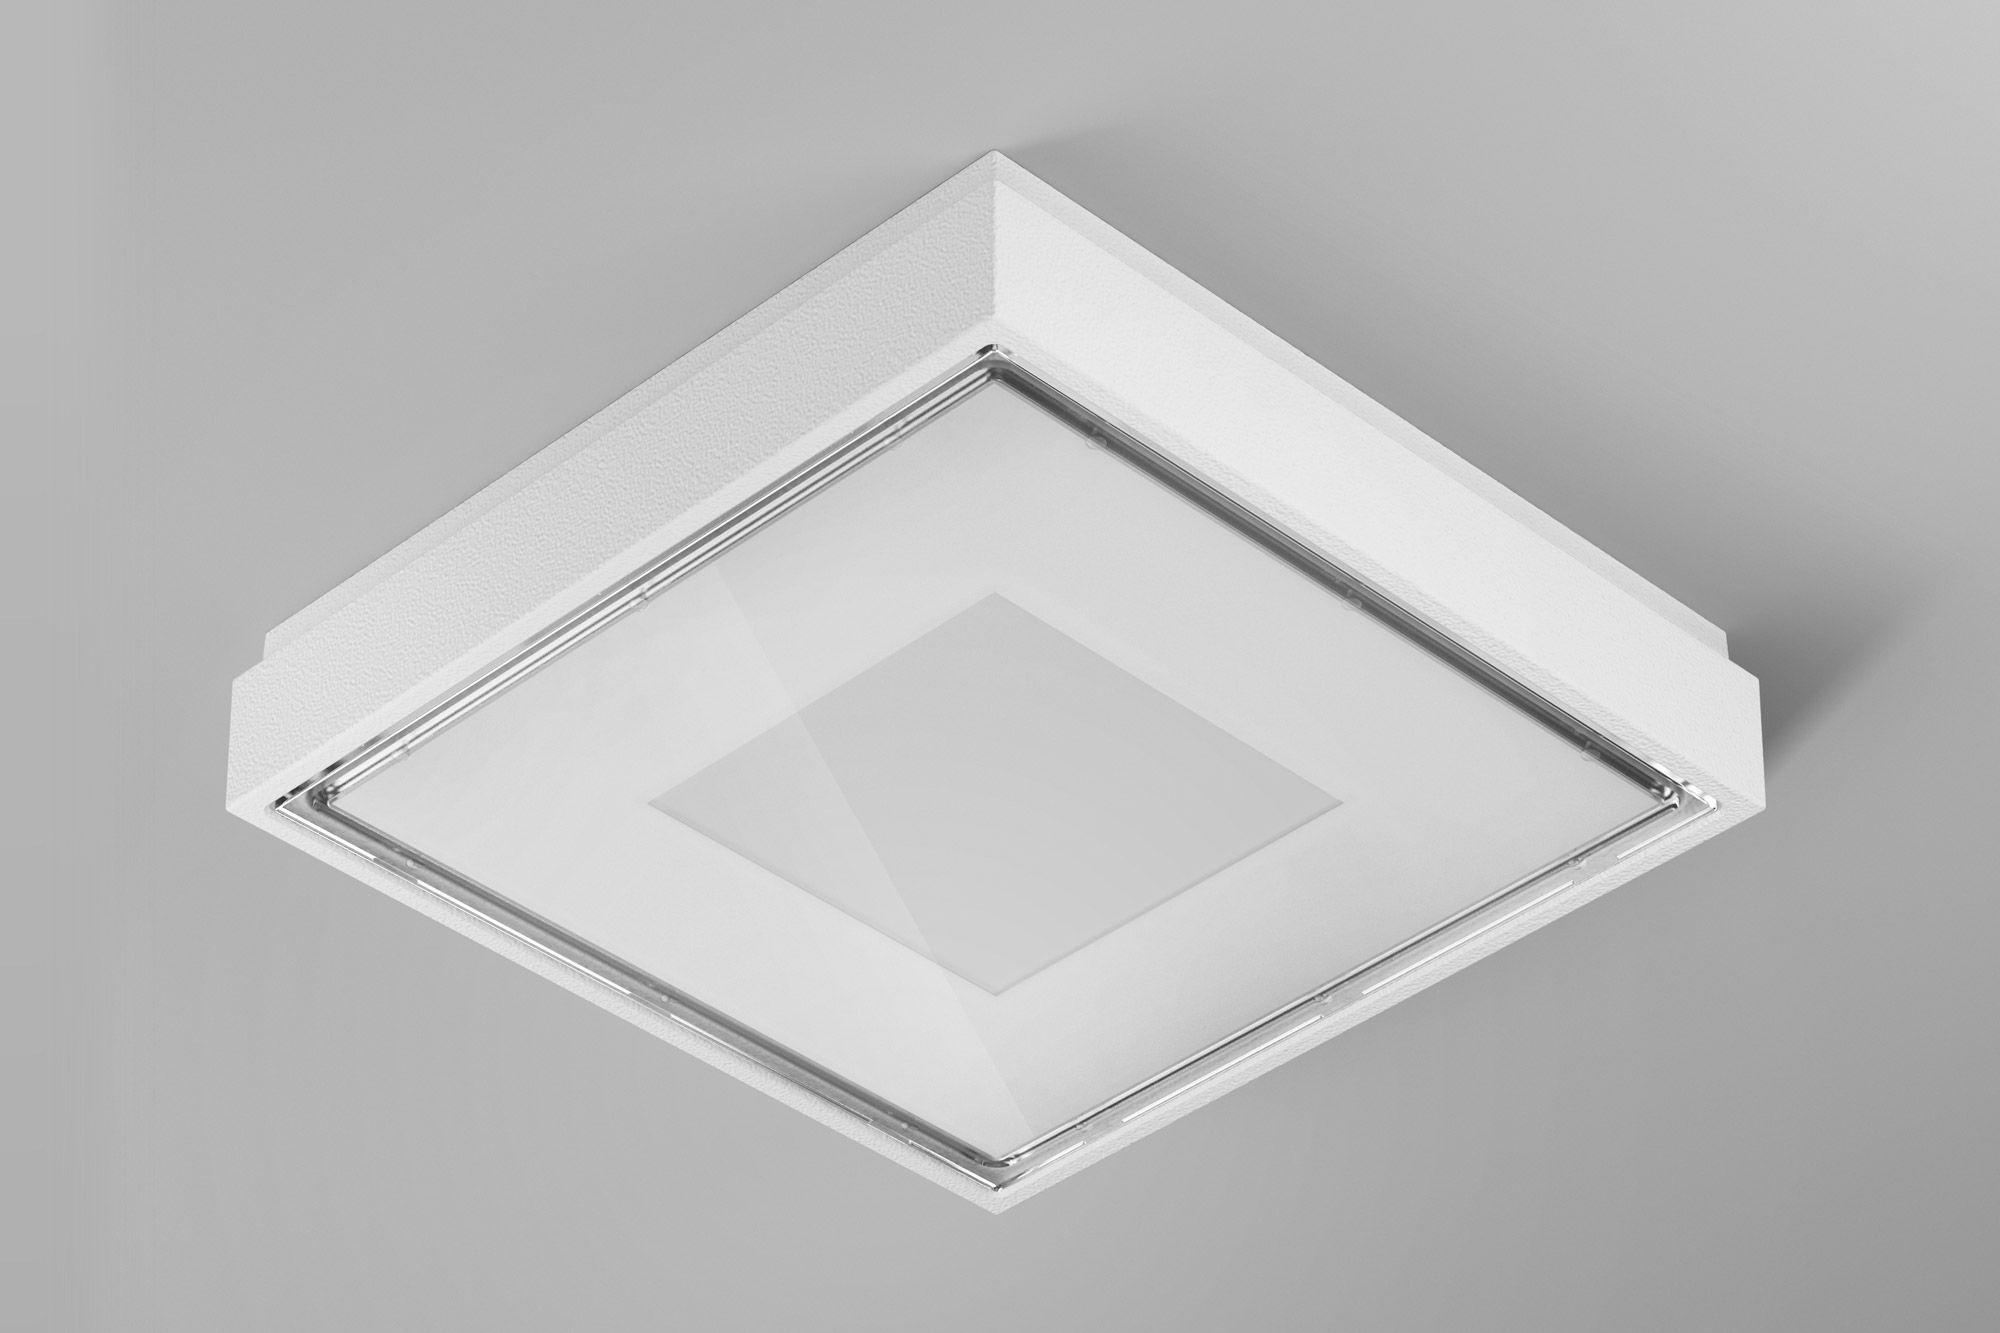 Plafoniere Tonde Da Interno : Plafoniera moderna tonda quadrata in ghisa di alluminio